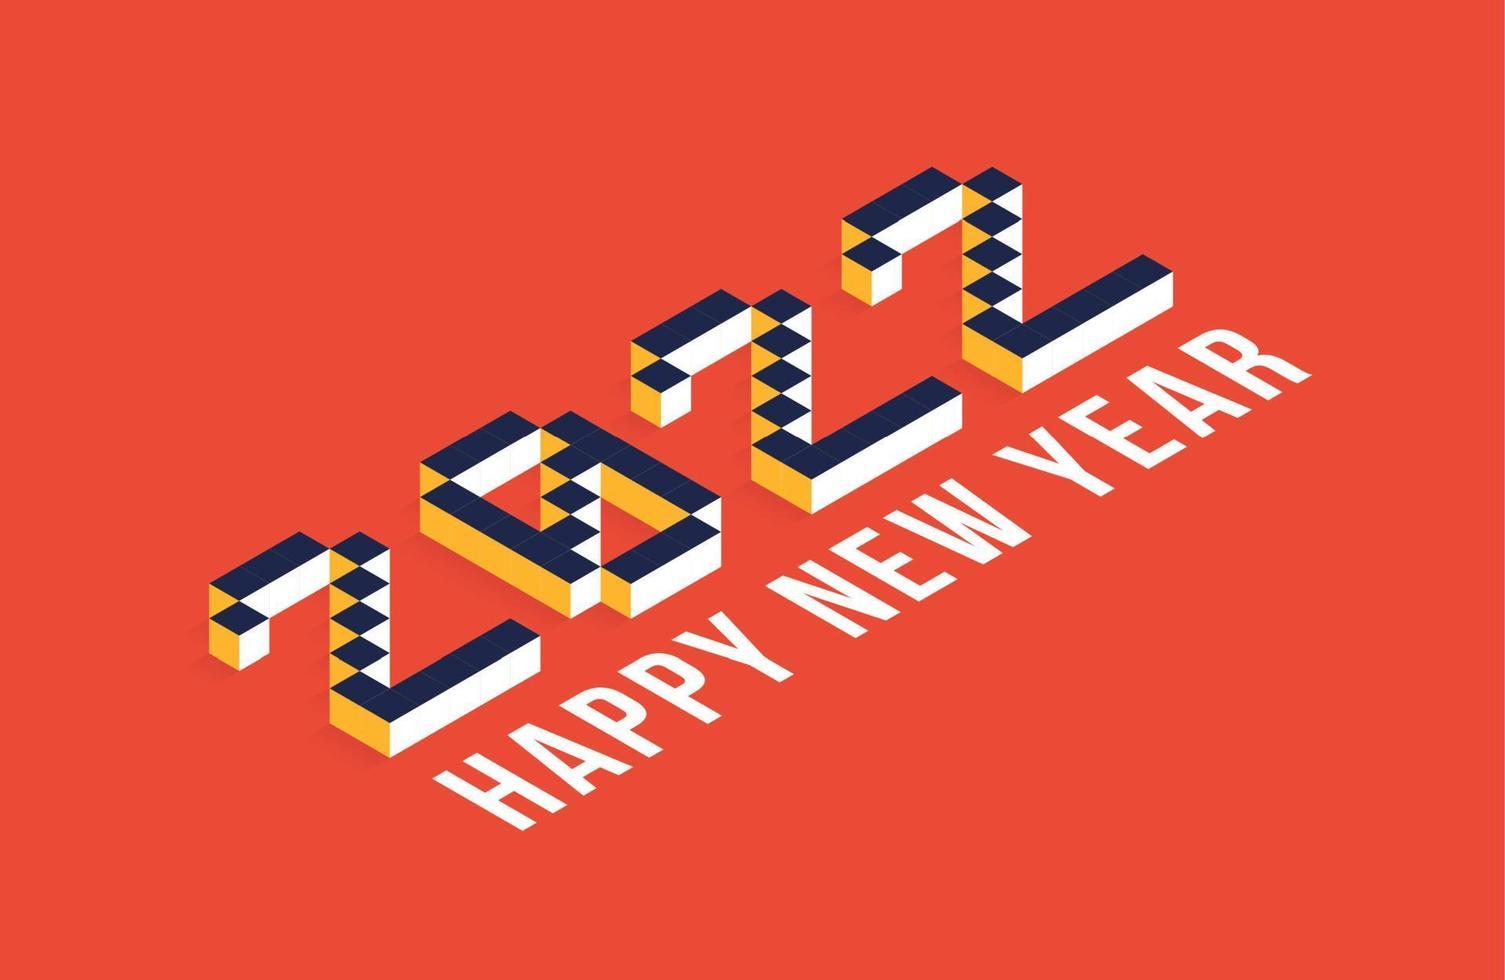 Arte de ilustração vetorial isométrica de ano 2022 novo. elementos de decoração de férias de vetor mínimo de 2022 para design, cartão postal, cartões comemorativos e convites ou panfleto